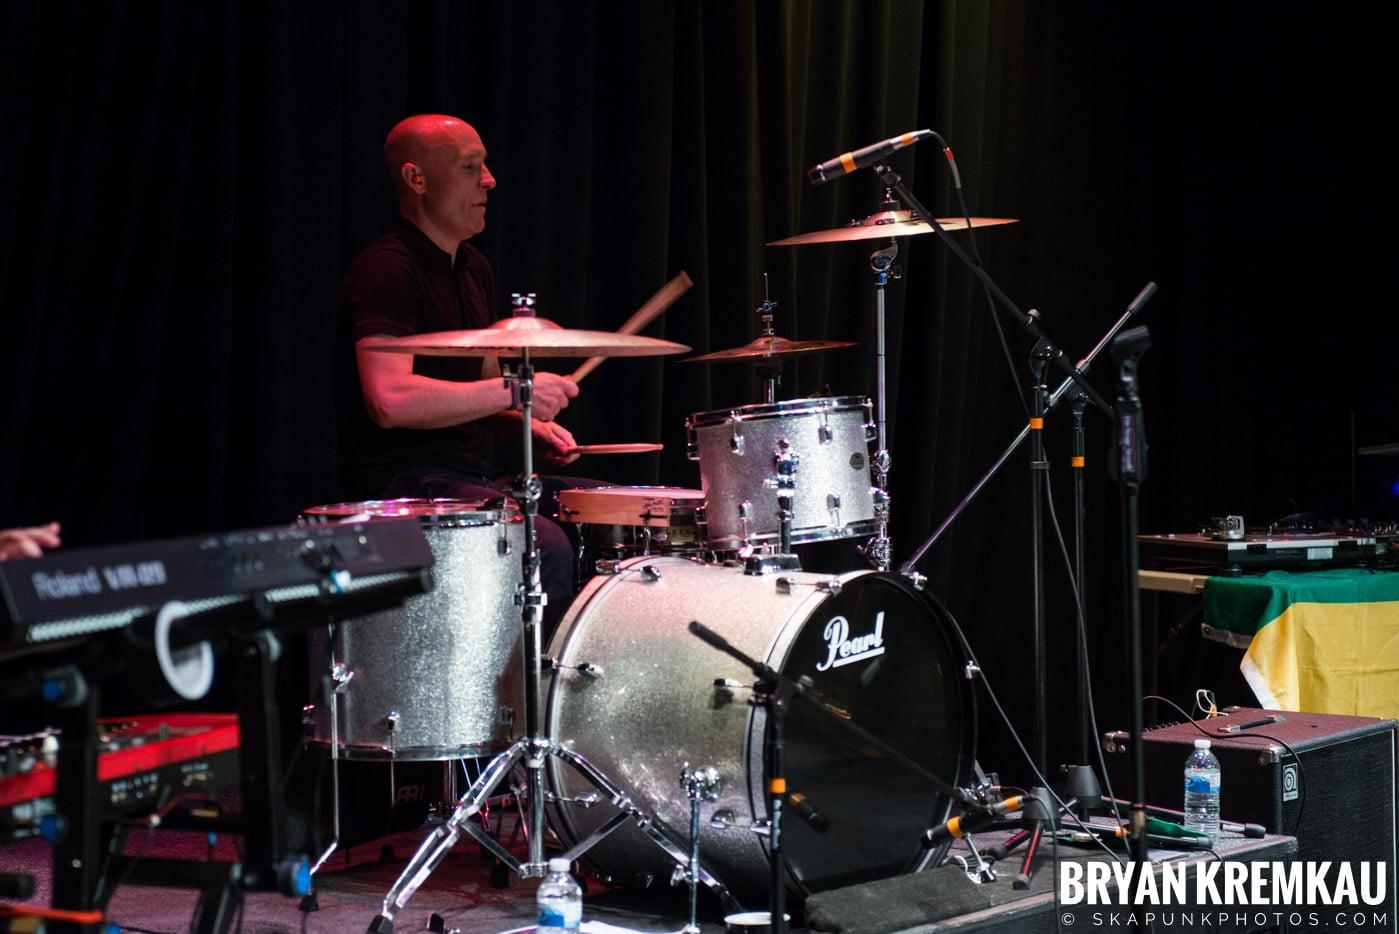 Rude Boy George @ Oskar Schindler Performing Arts Center, West Orange, NJ - 8.19.17 (14)